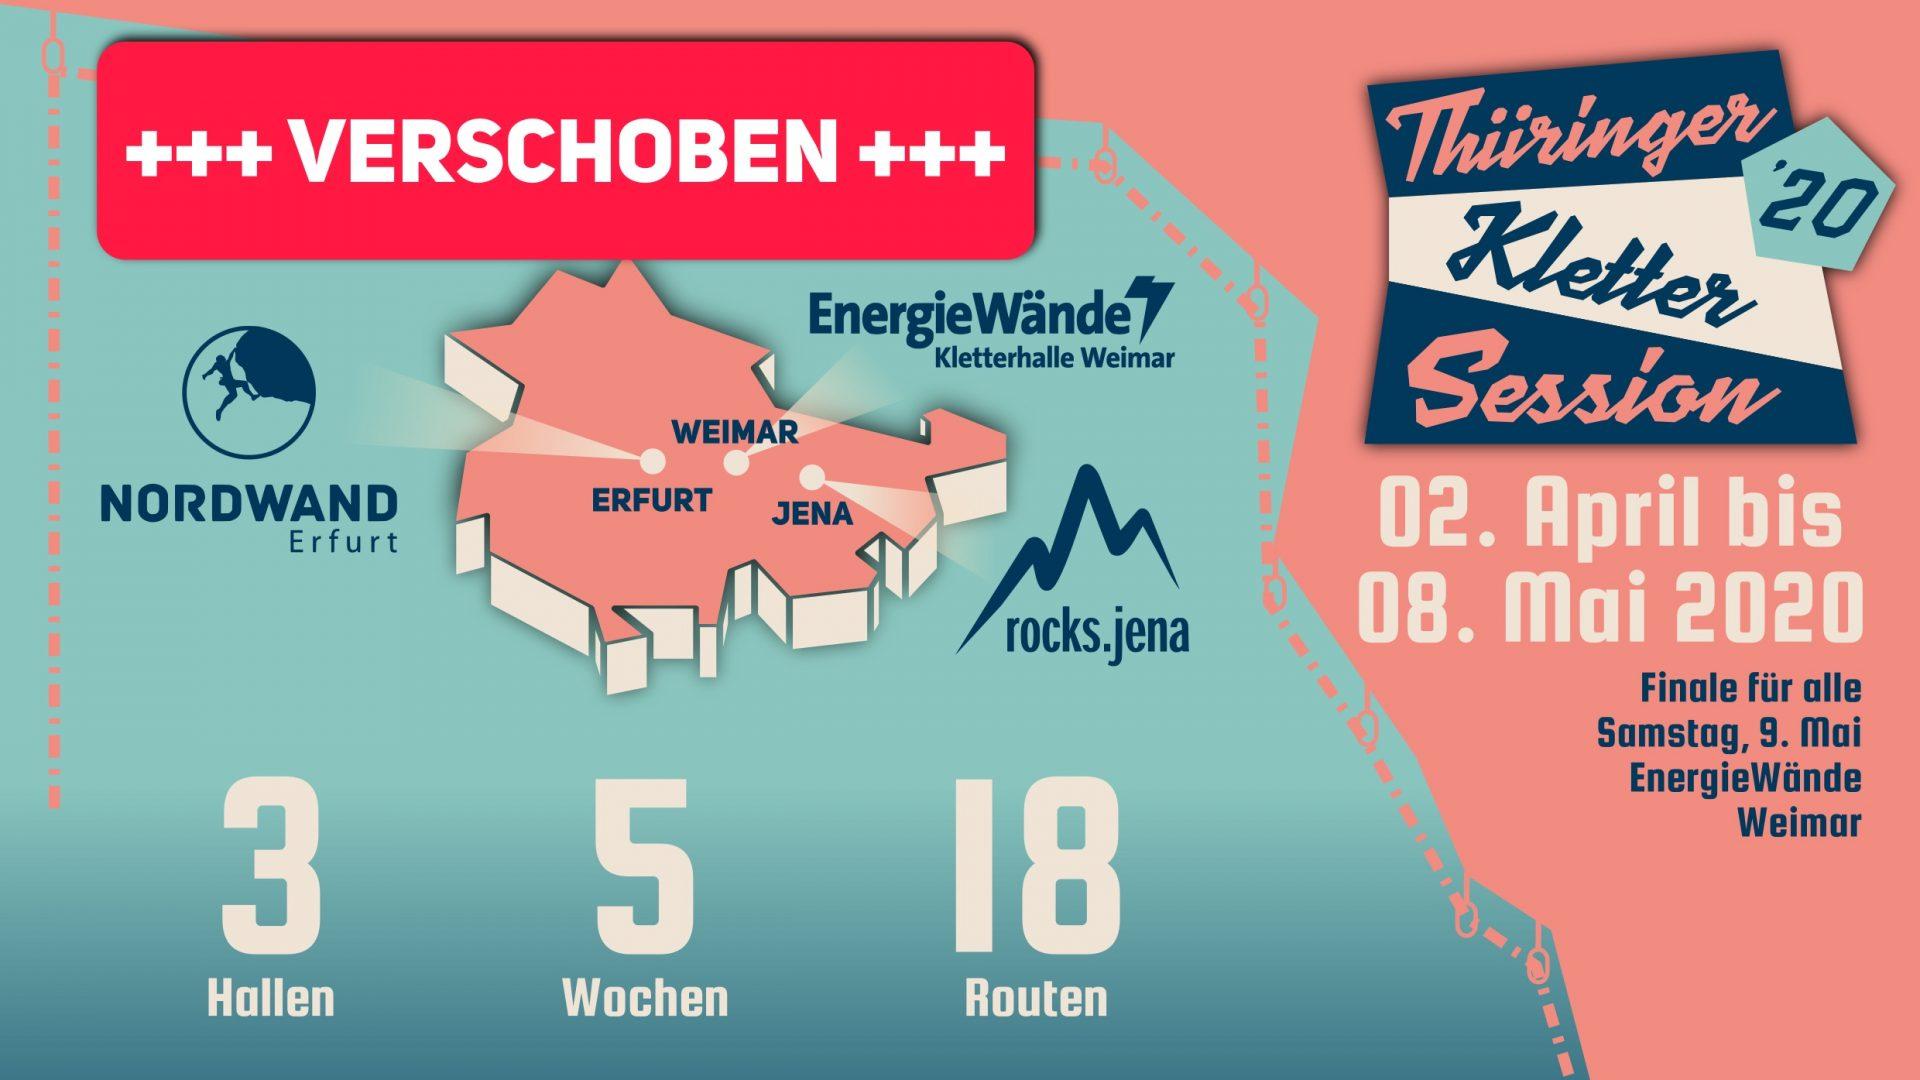 Thüringer Kletter Session 2020